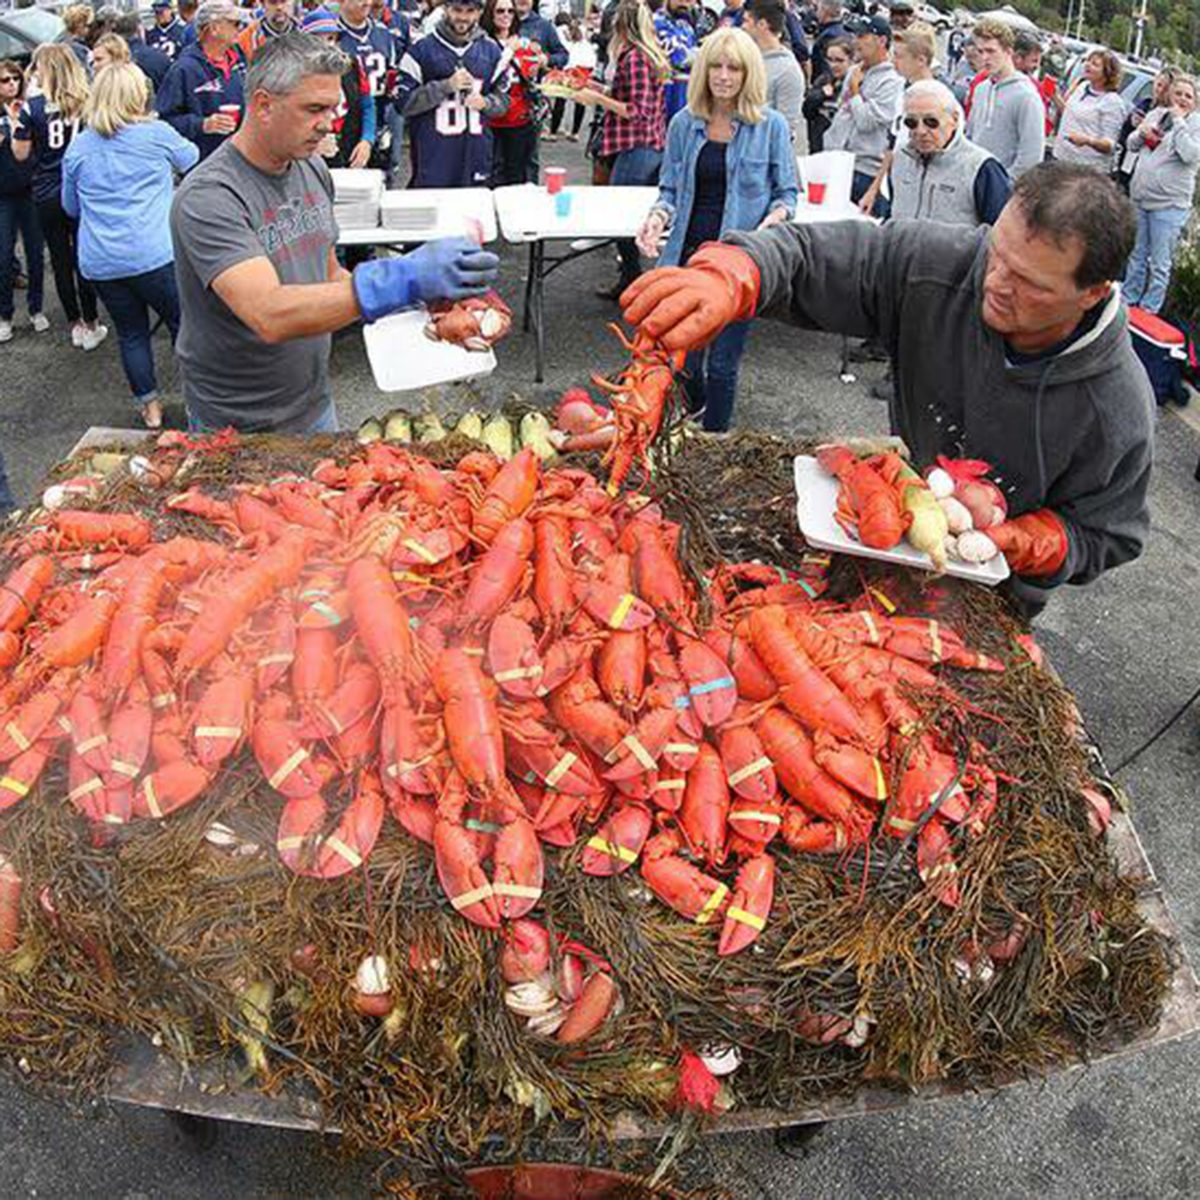 Fans grilling lobster